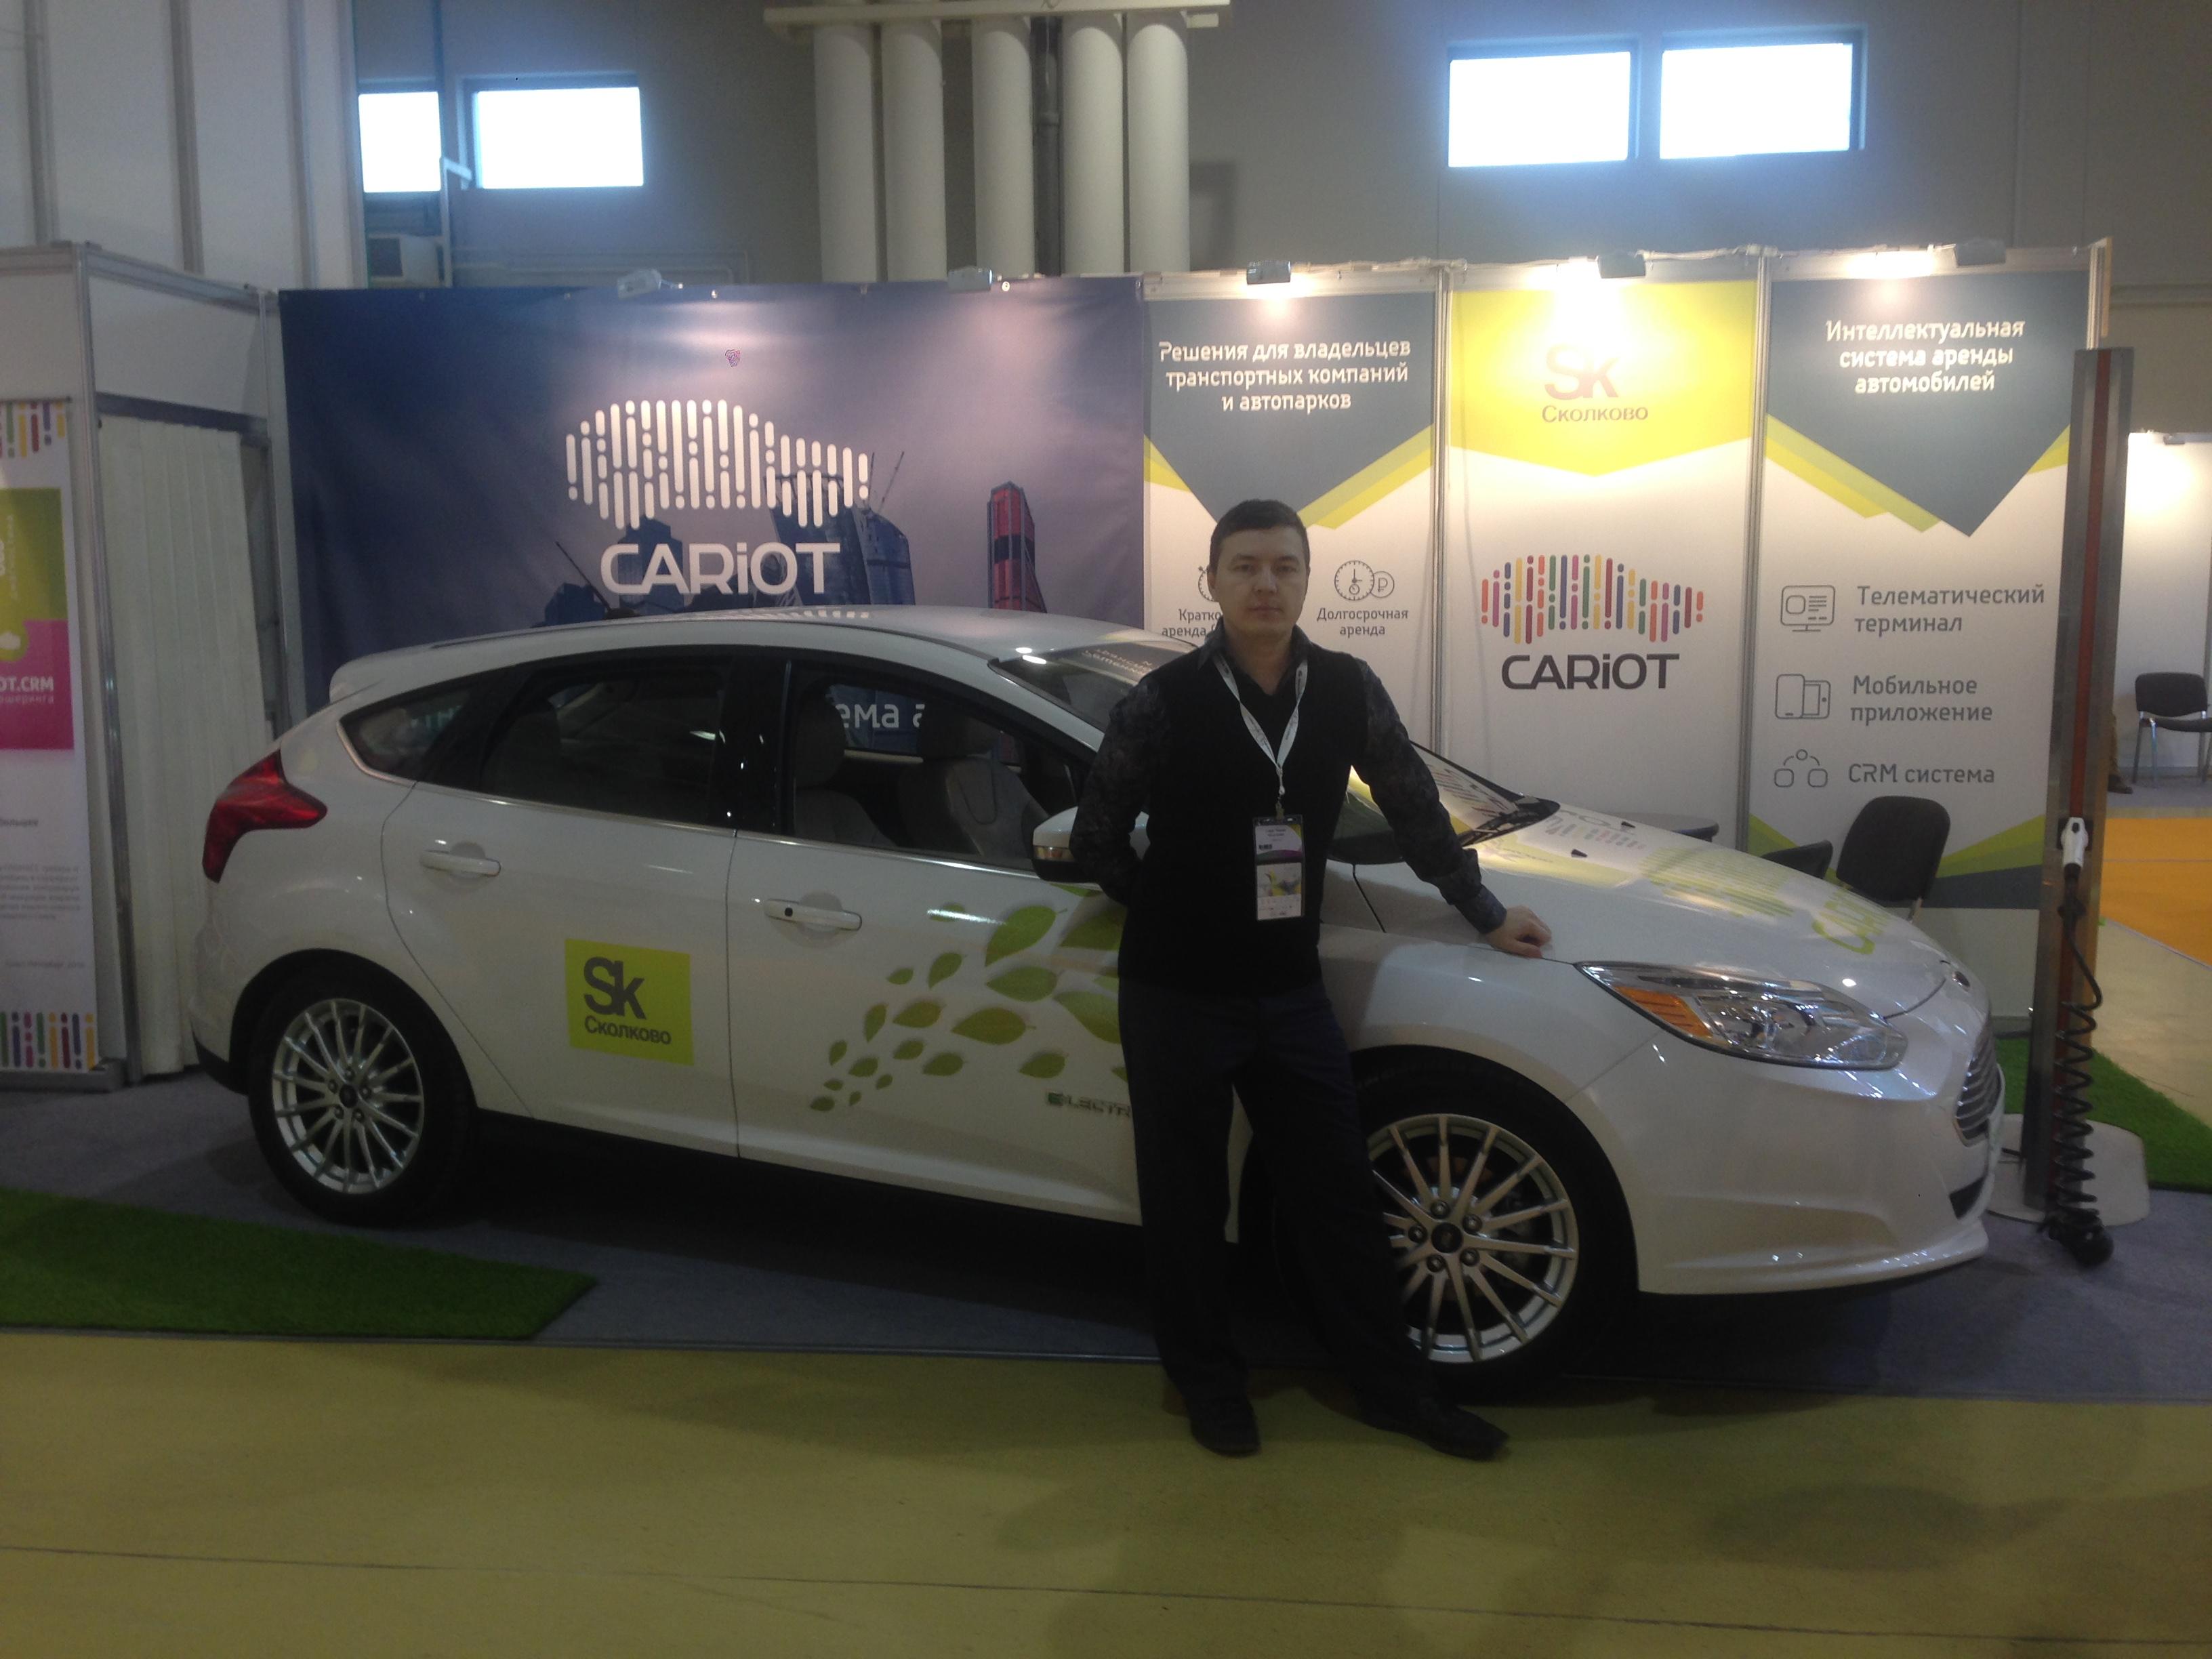 Электрокар CARiOT на выставке НАВИТЕХ